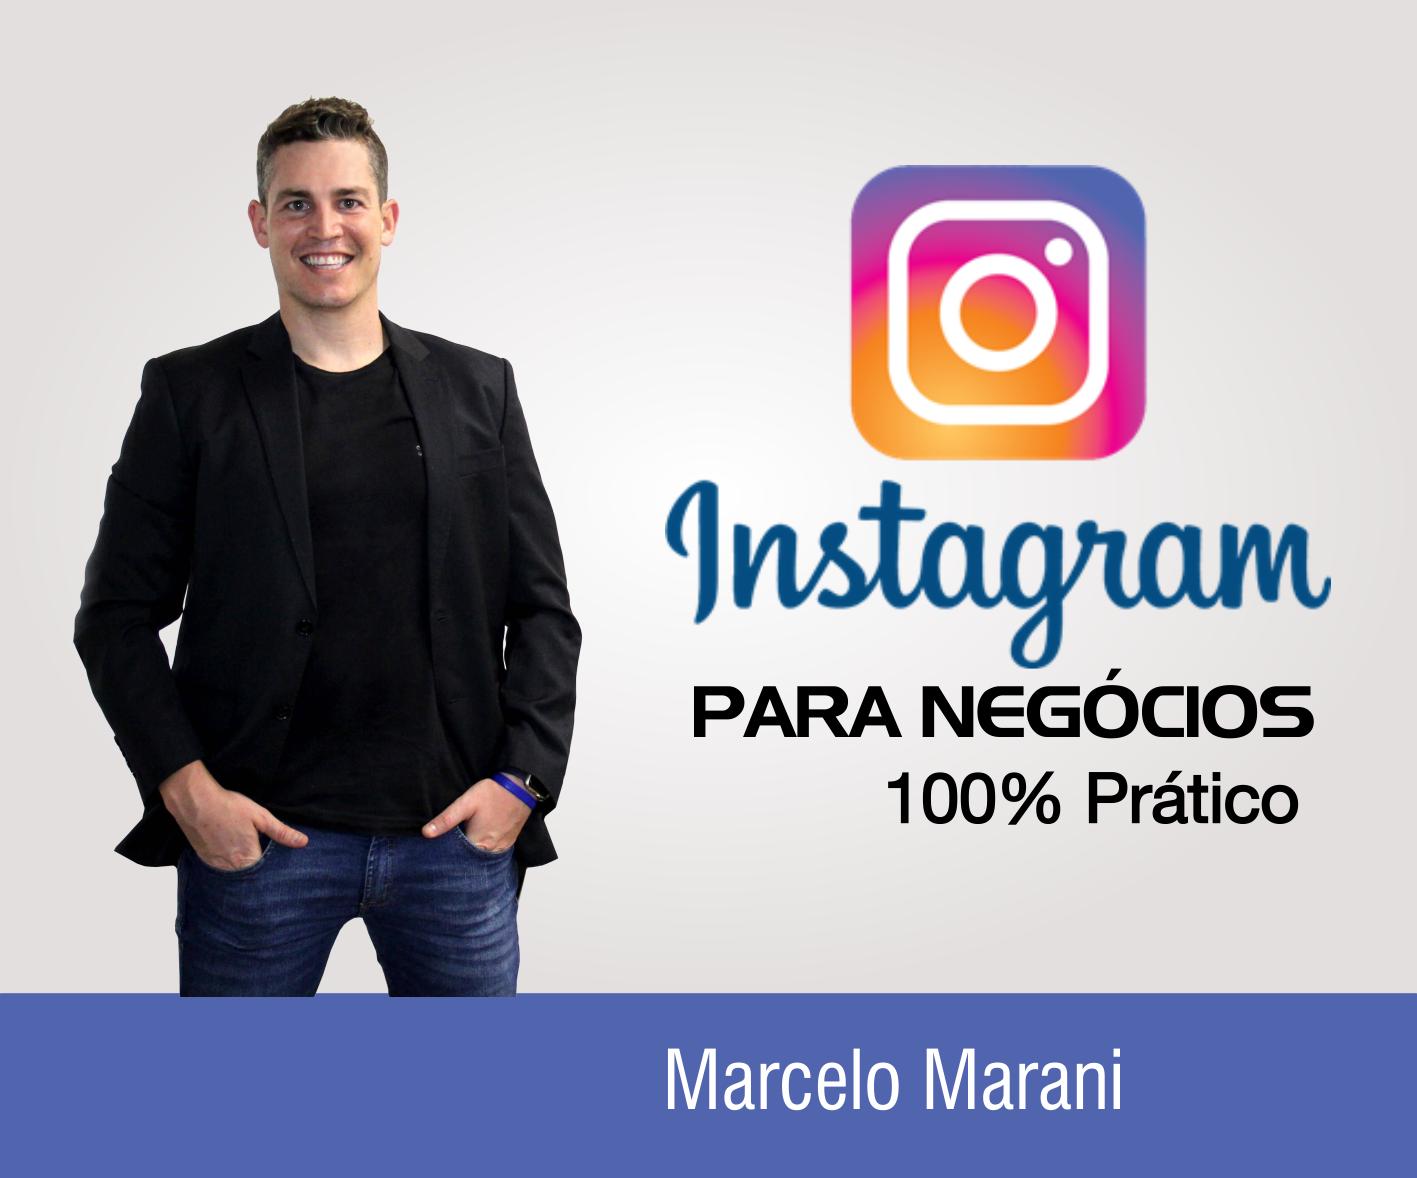 INSTAGRAM PARA NEGÓCIOS (Curso de Instagram)